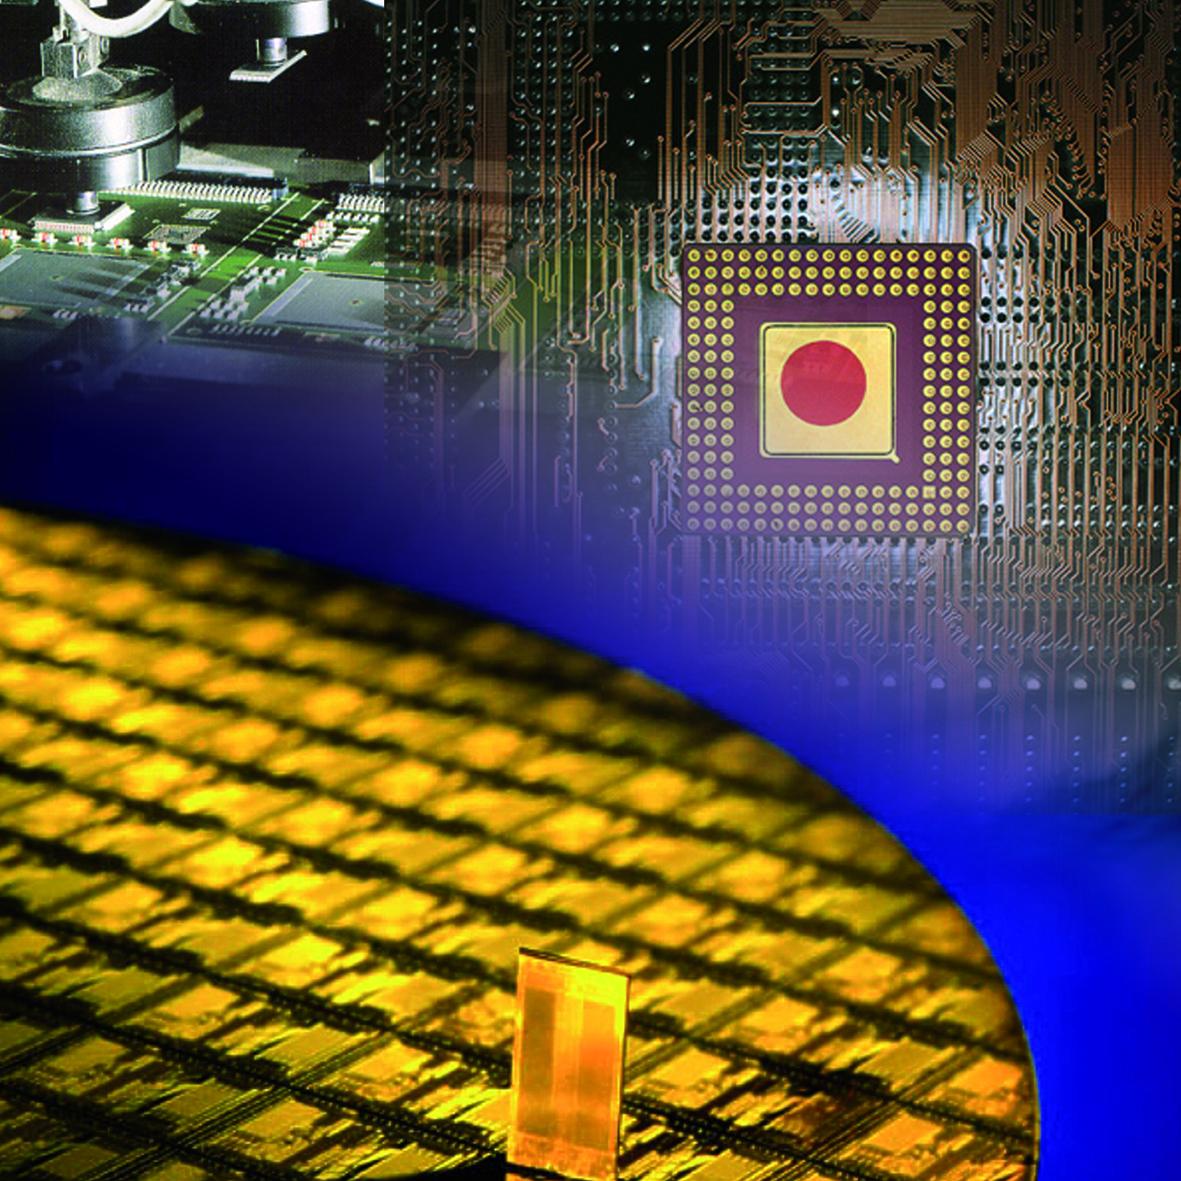 vacature FPGA engineer